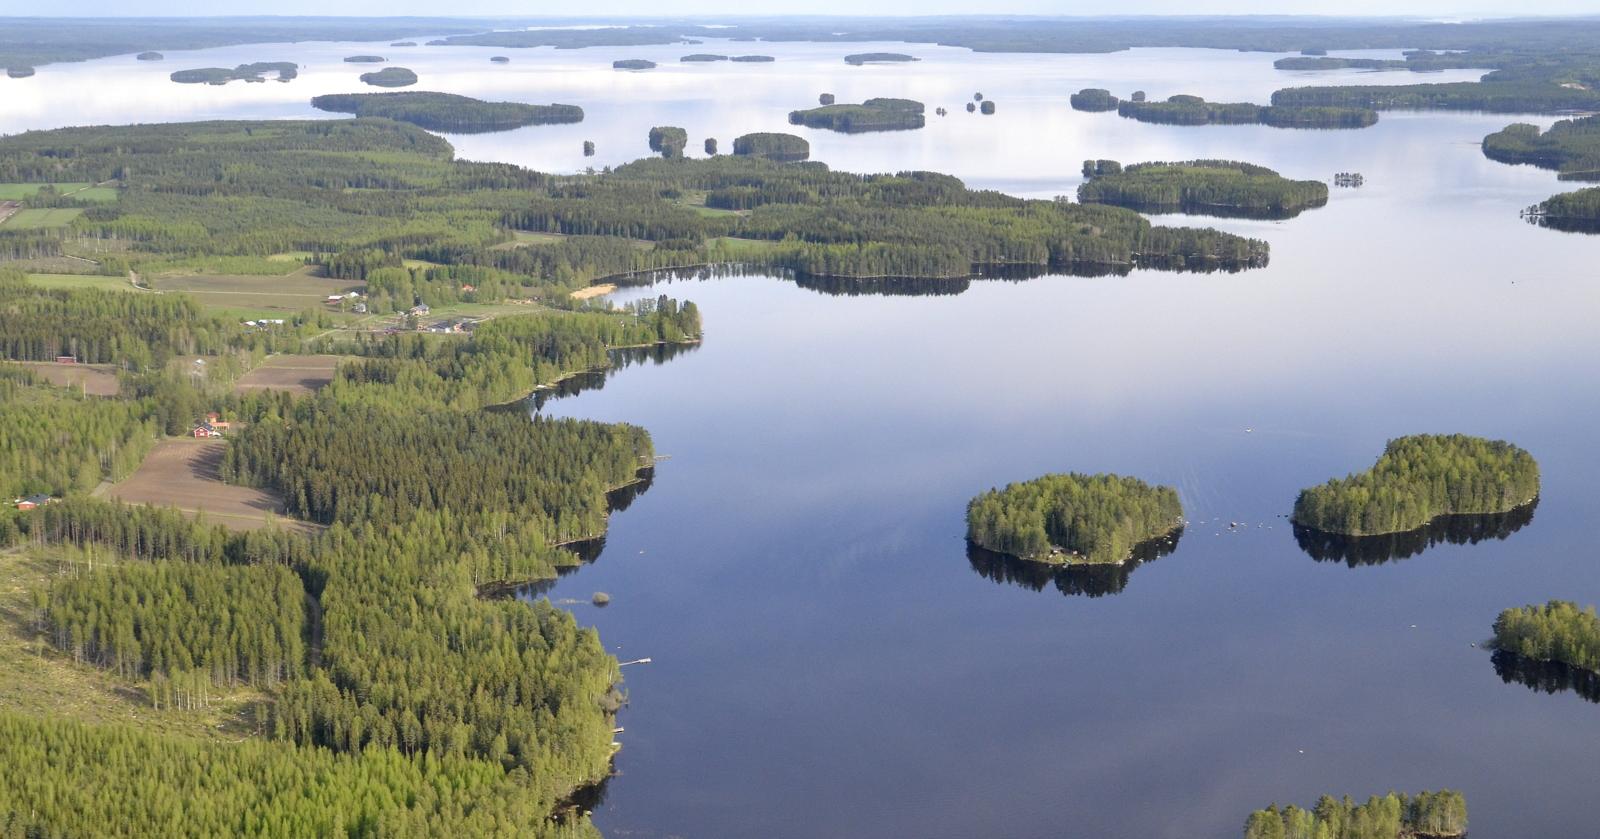 Putaanlahden kupeella vasemmalla luomalanranta. Koliman selän takana pilkottaa Järkiniemi ja Pasala, jonne lähden kiertämään tuolta vasemman rannan kautta.